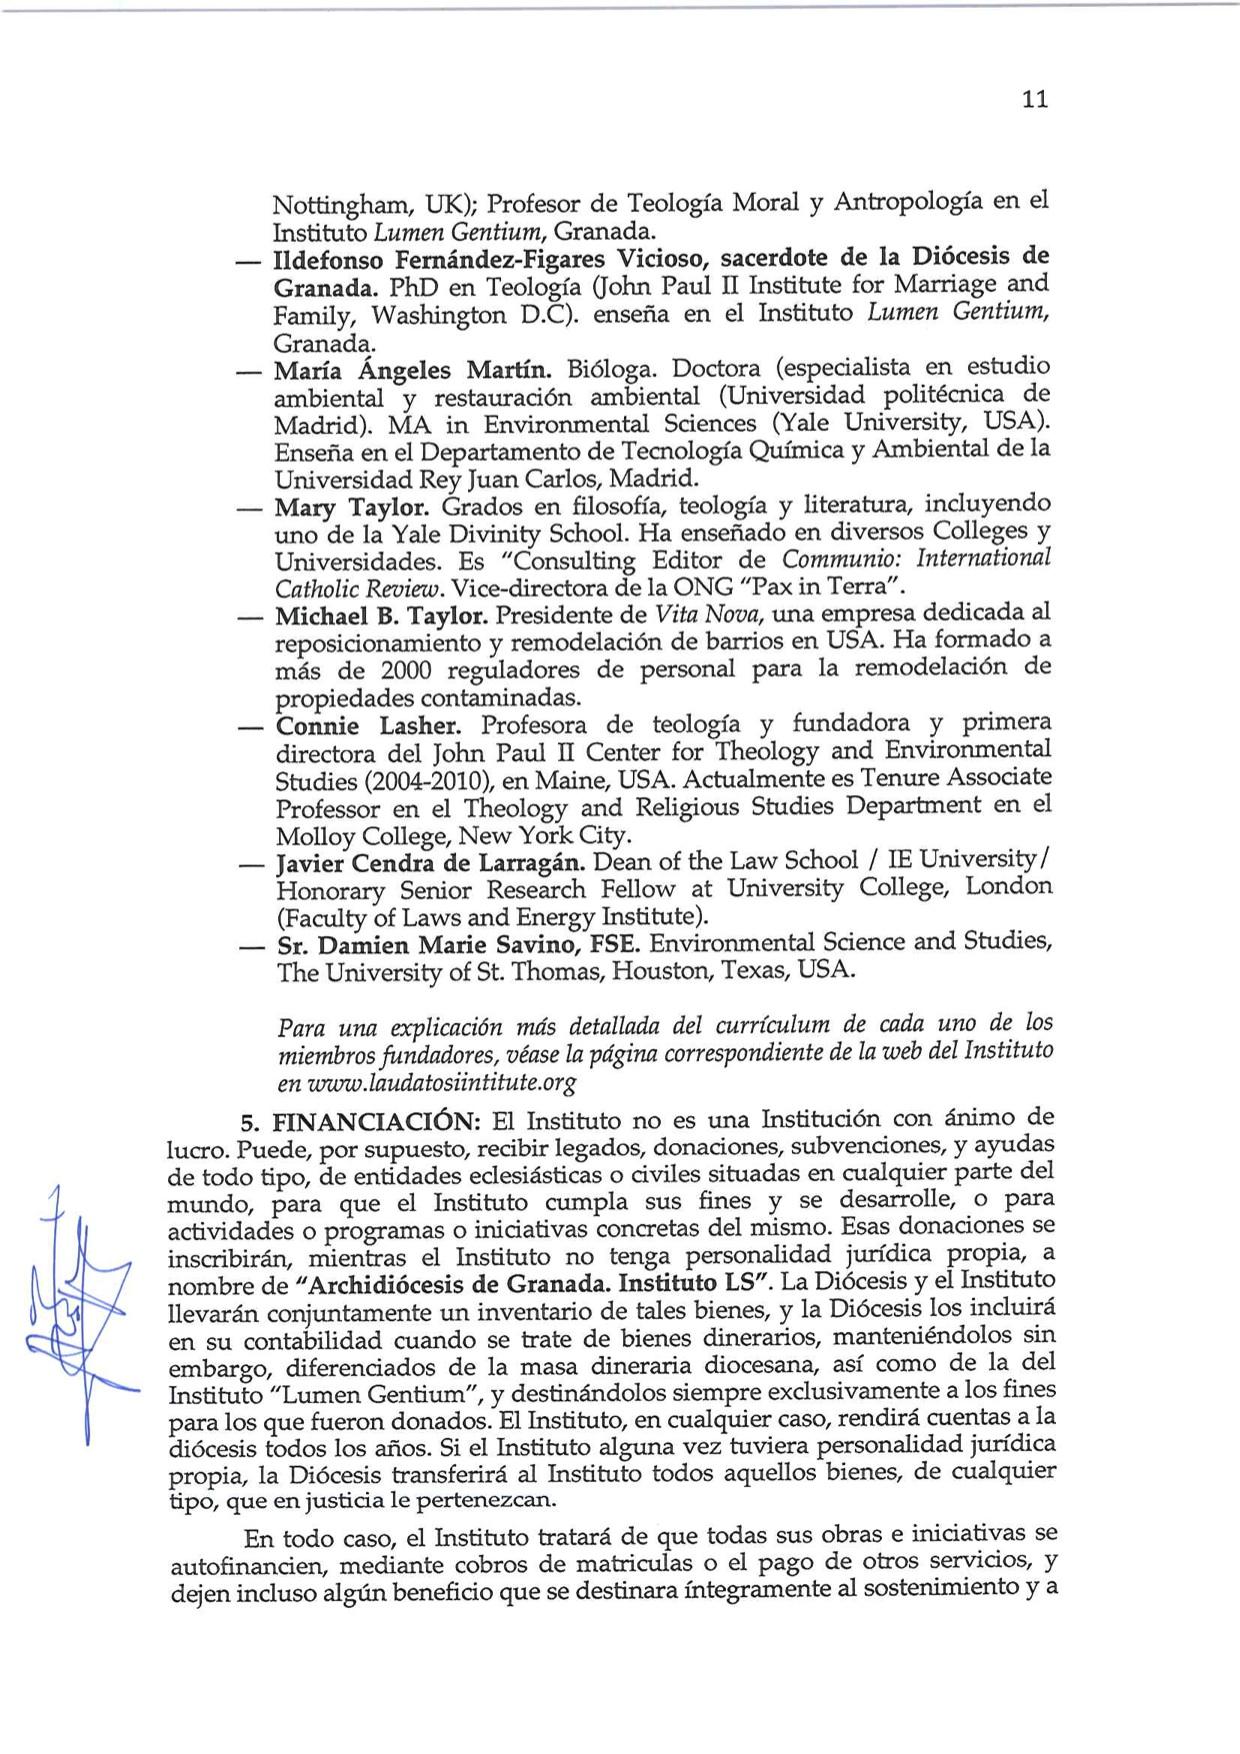 Decreto de Erección _Laudato Si_11